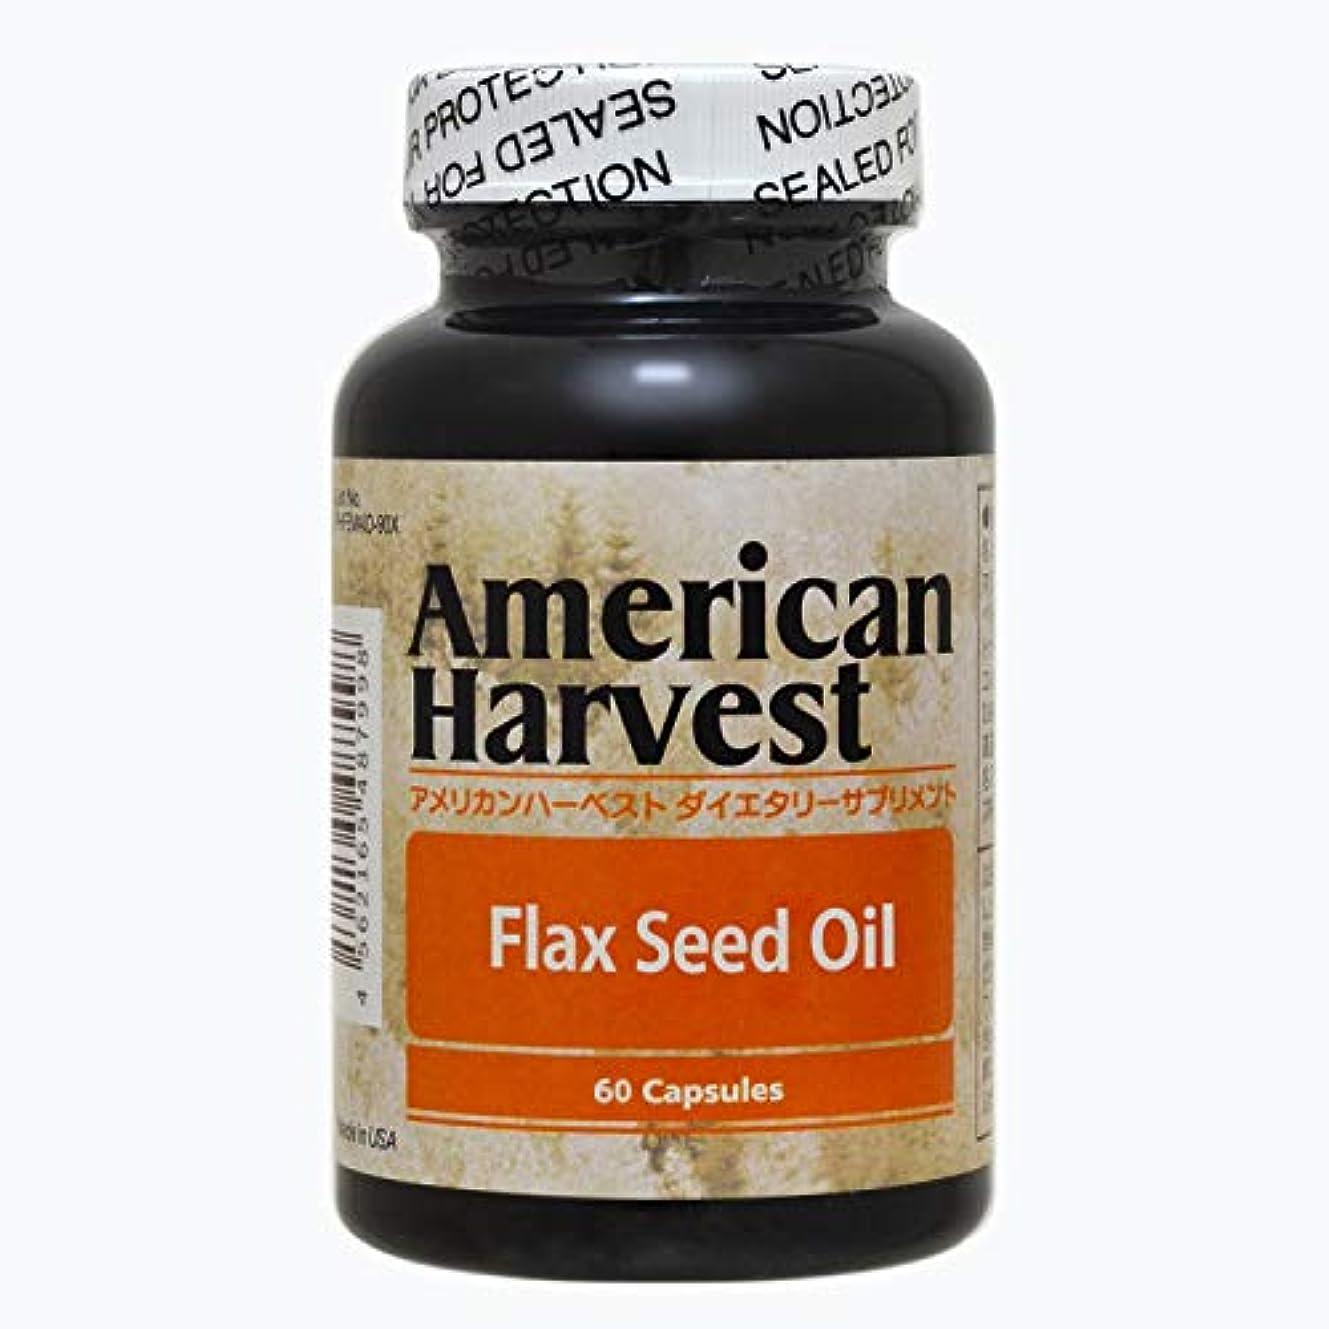 凍る日飢えたアメリカンハーベスト フラックスシードオイル(亜麻仁油) 60粒/約60日分